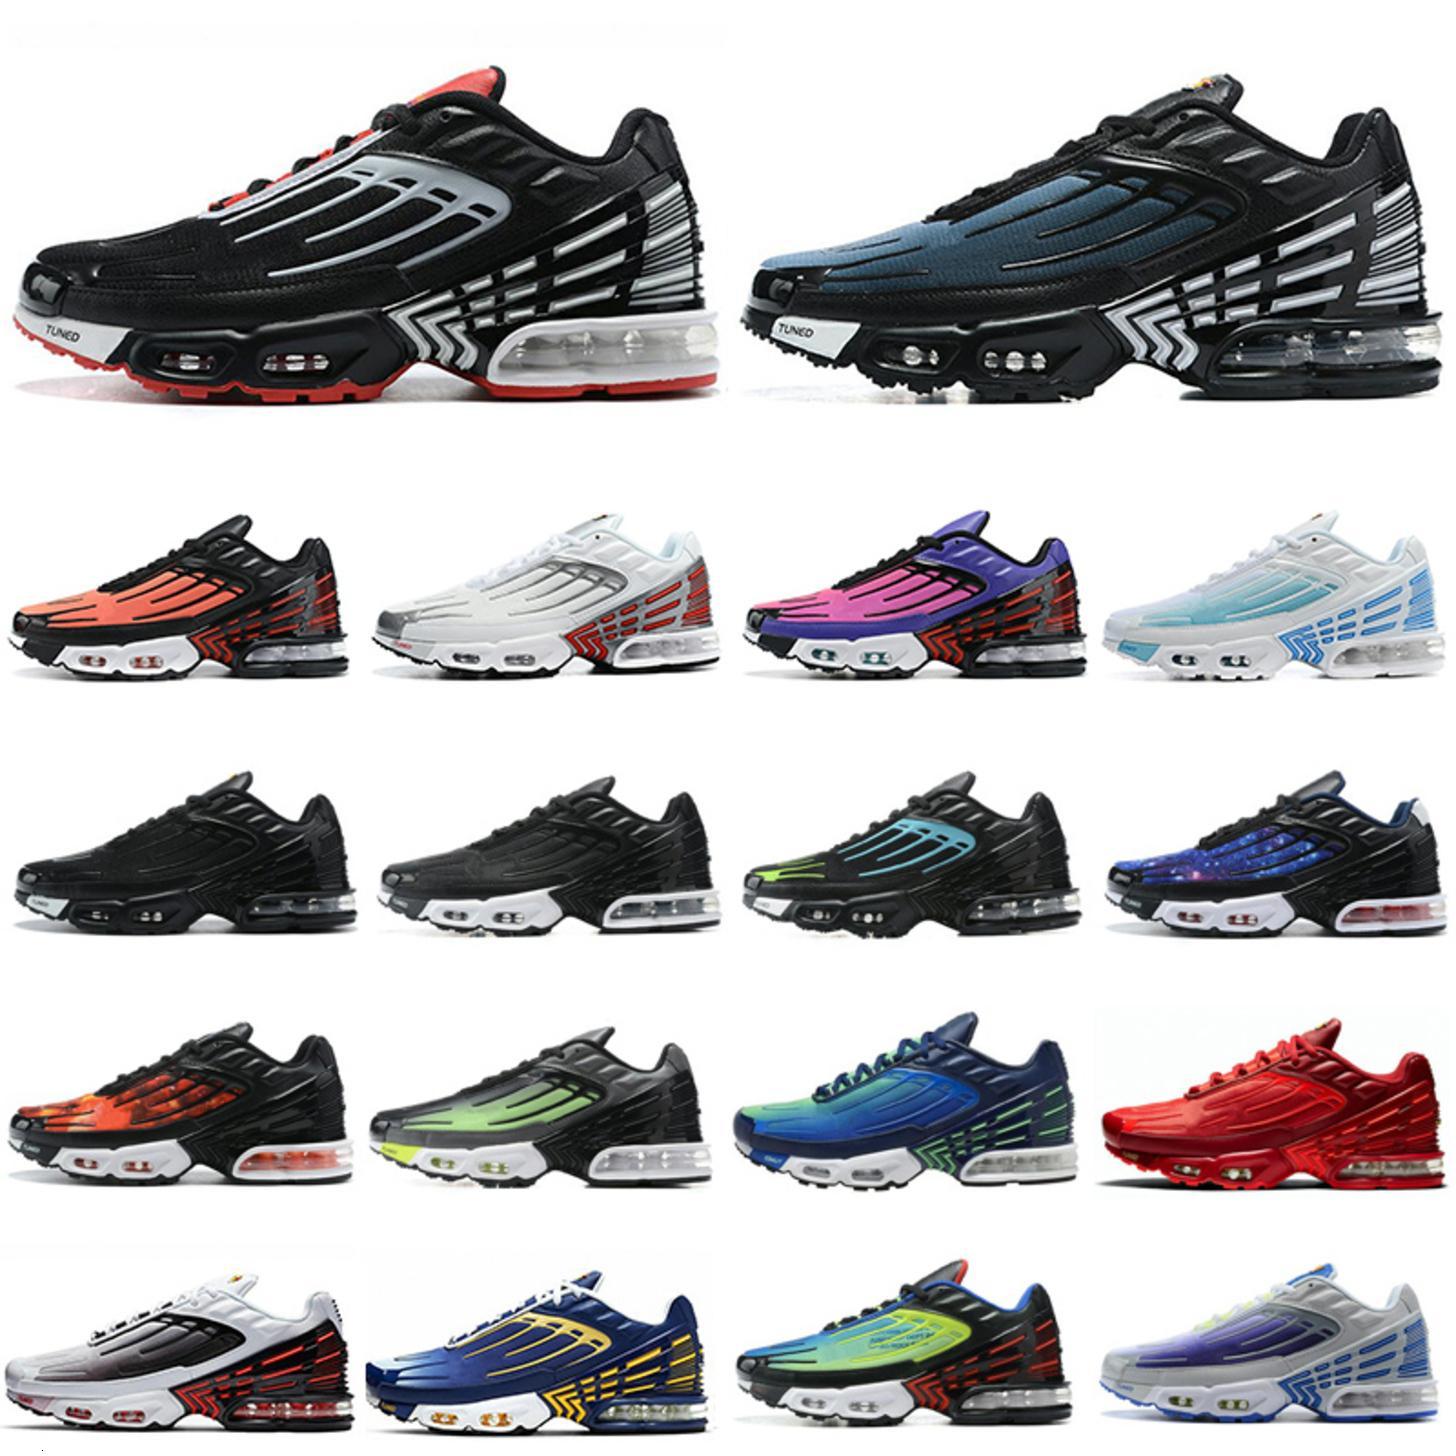 MENS TN 3 ZAPACIONES CONVIERTAS HYPER VIOLET TN PLUS 3 III Triple Black Silver Sunset Formas para mujer Zapatillas de deporte Chaussures 36-45